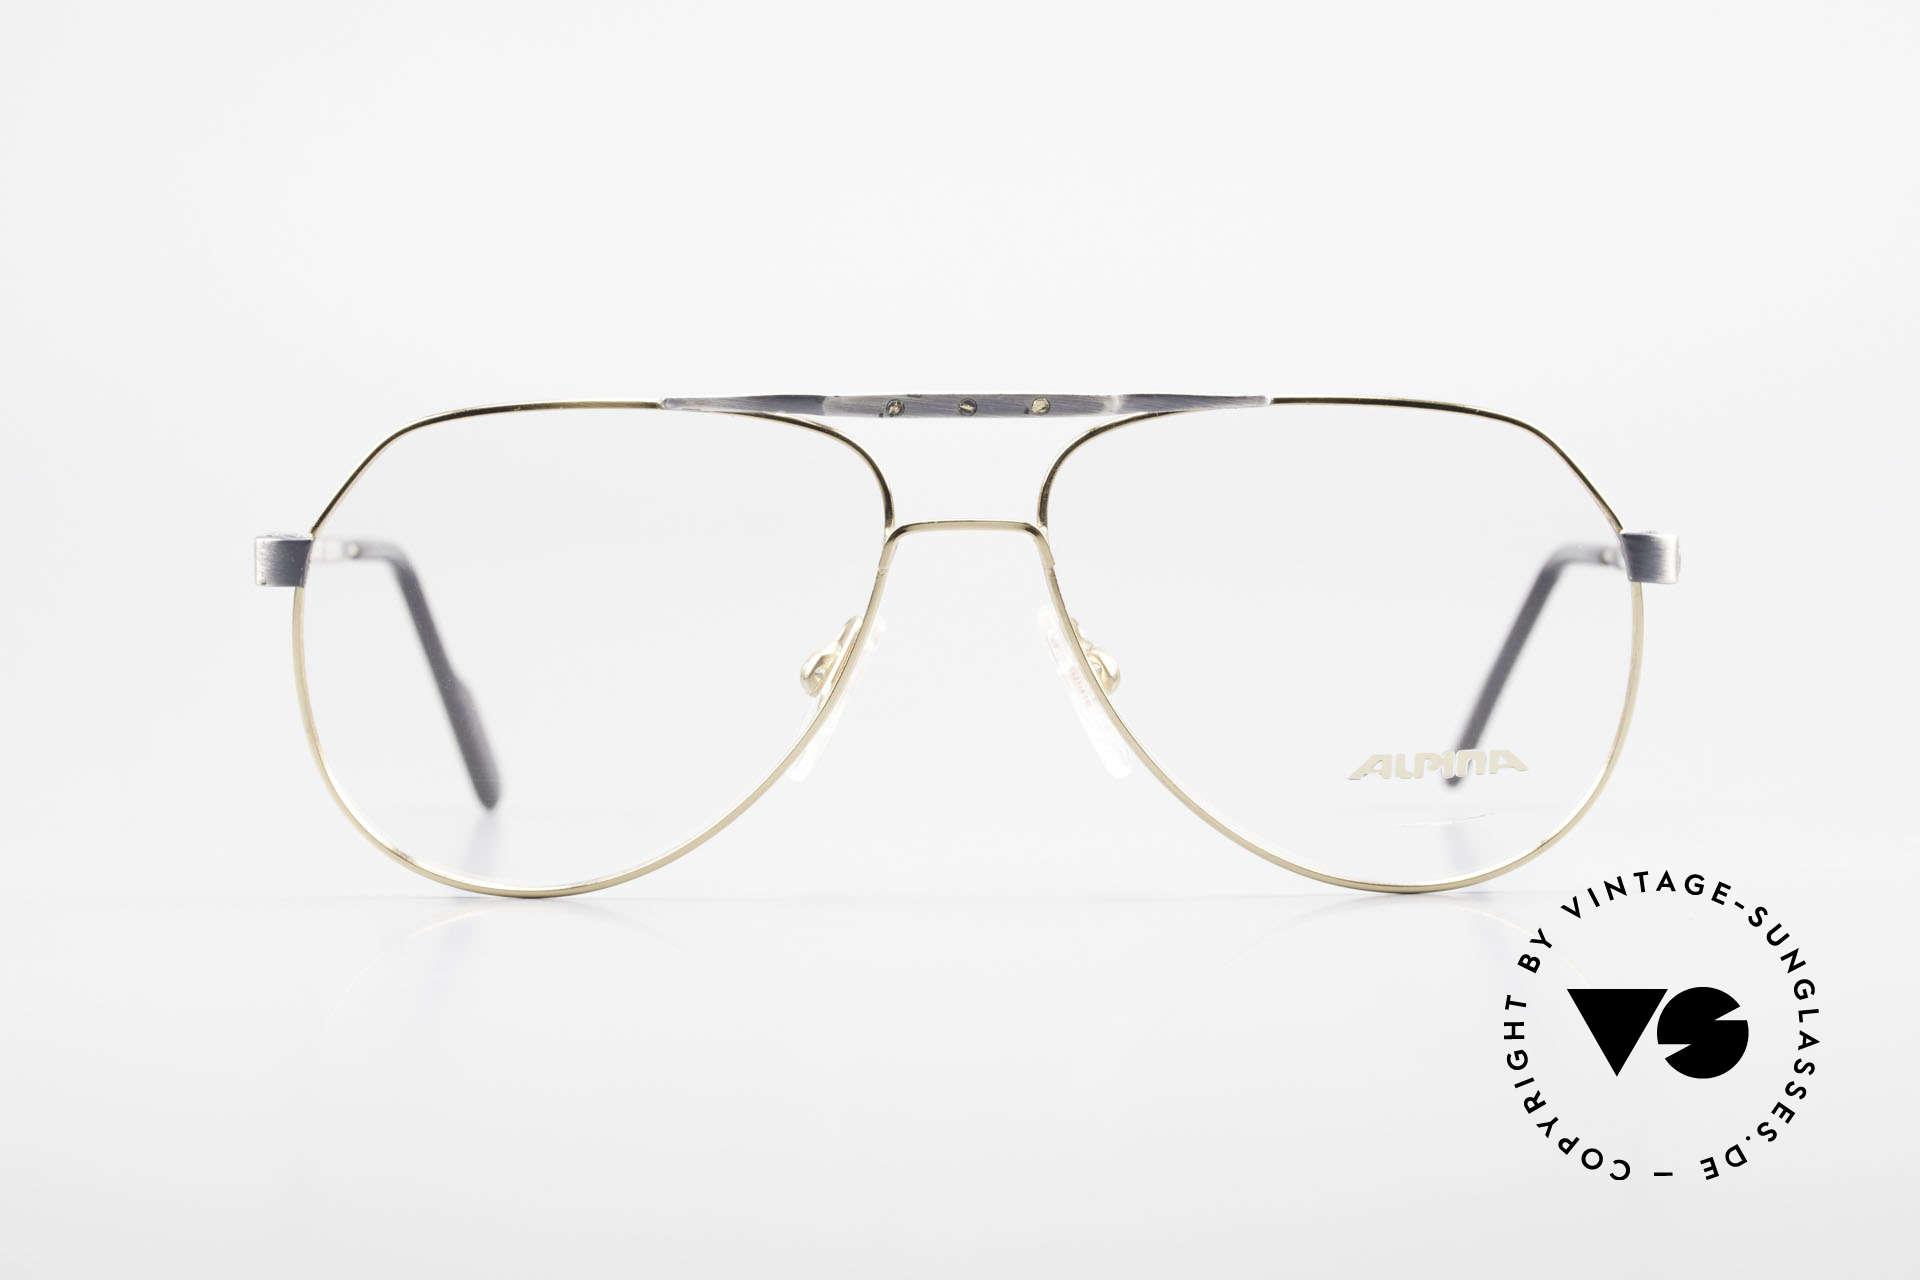 Alpina M1F770 Vintage Brille Pilotenstil 90er, 90er Aviator-Brille, gebürstetes Metall und Gold, Passend für Herren